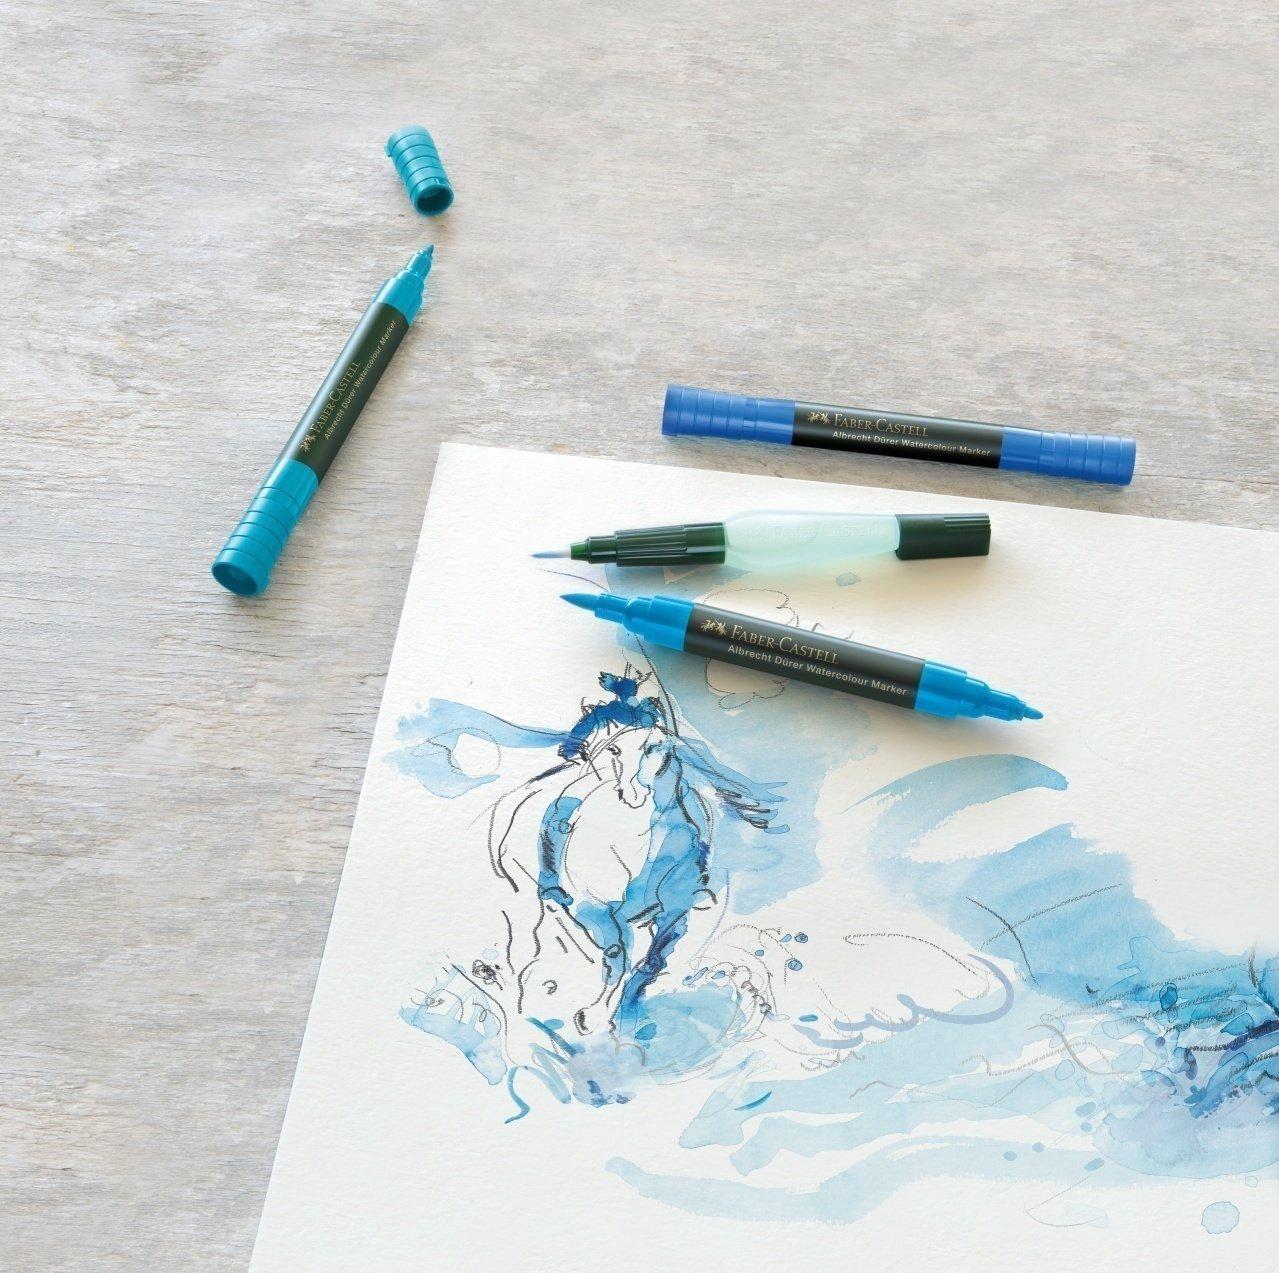 Рисунок акварельными маркерами